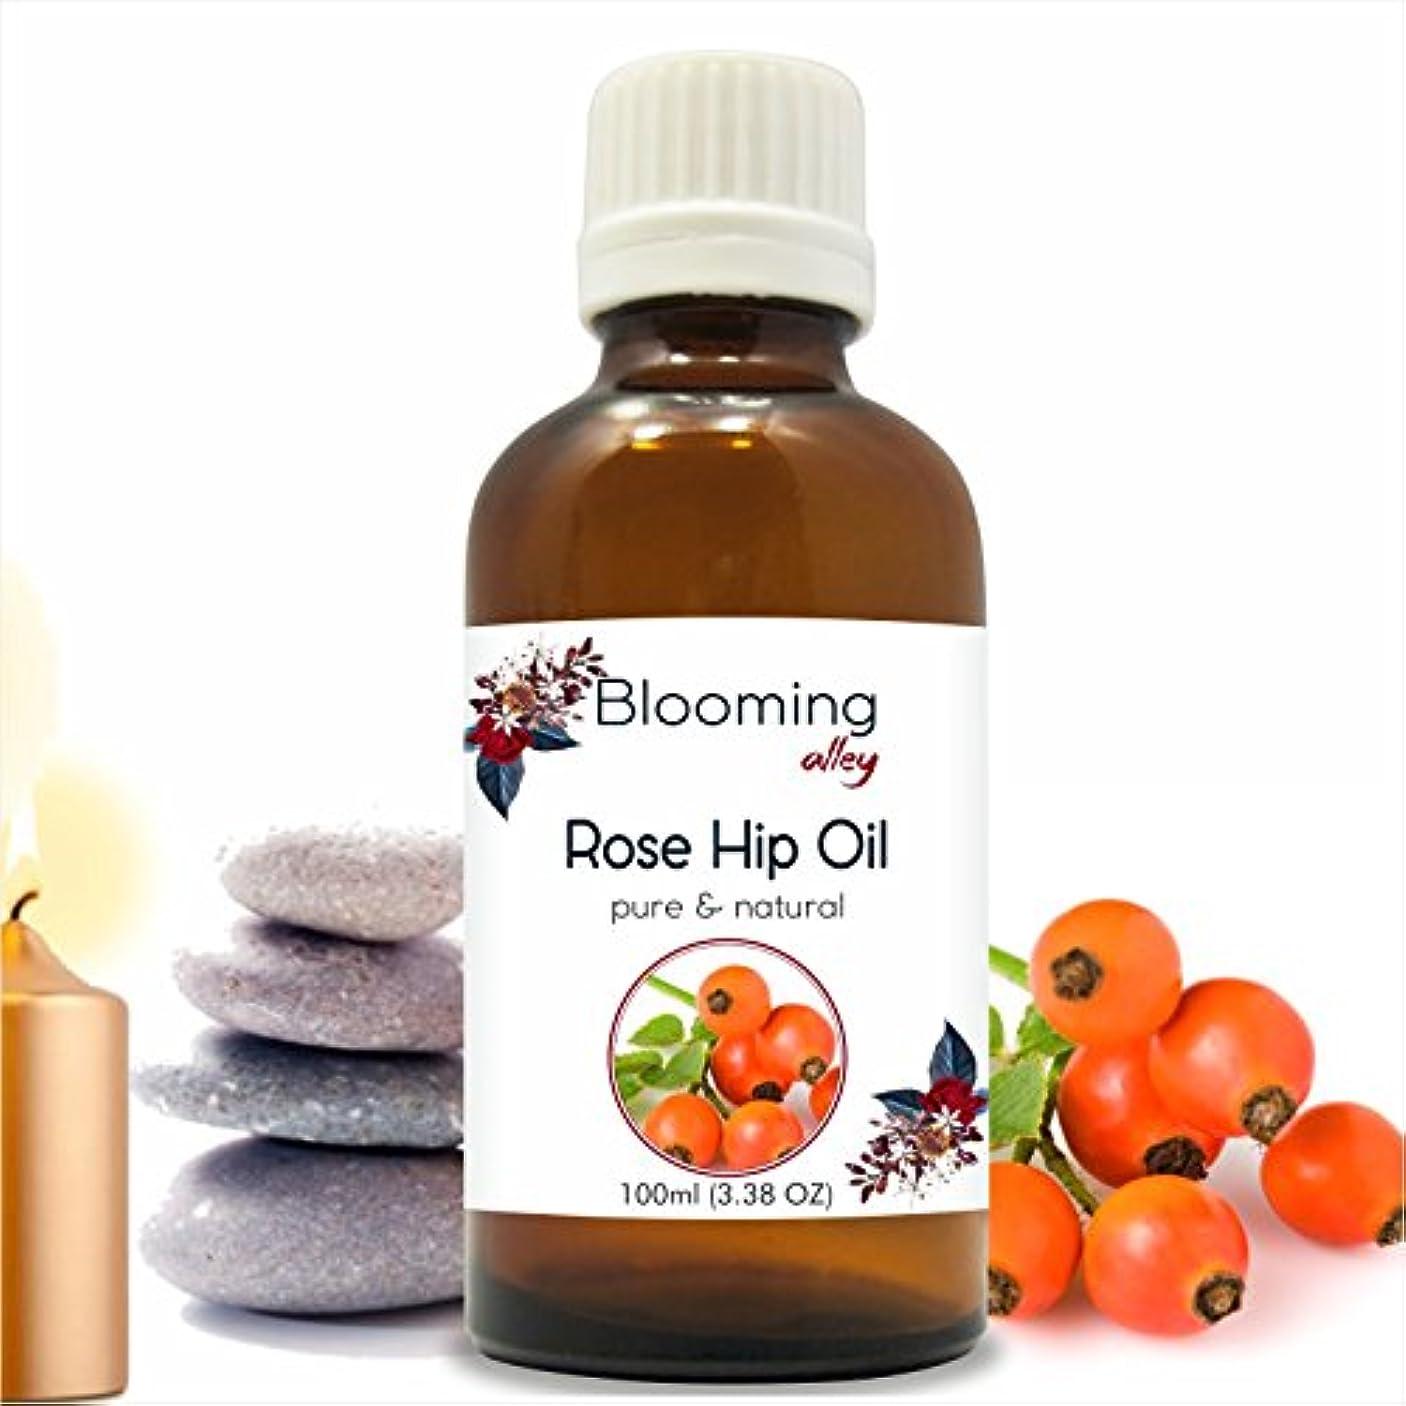 ママ文明化待つRosehip Oil(Rosa Moschata Or Rosa Rubiginosa) Carrier Oil 100 ml or 3.38 Fl Oz by Blooming Alley